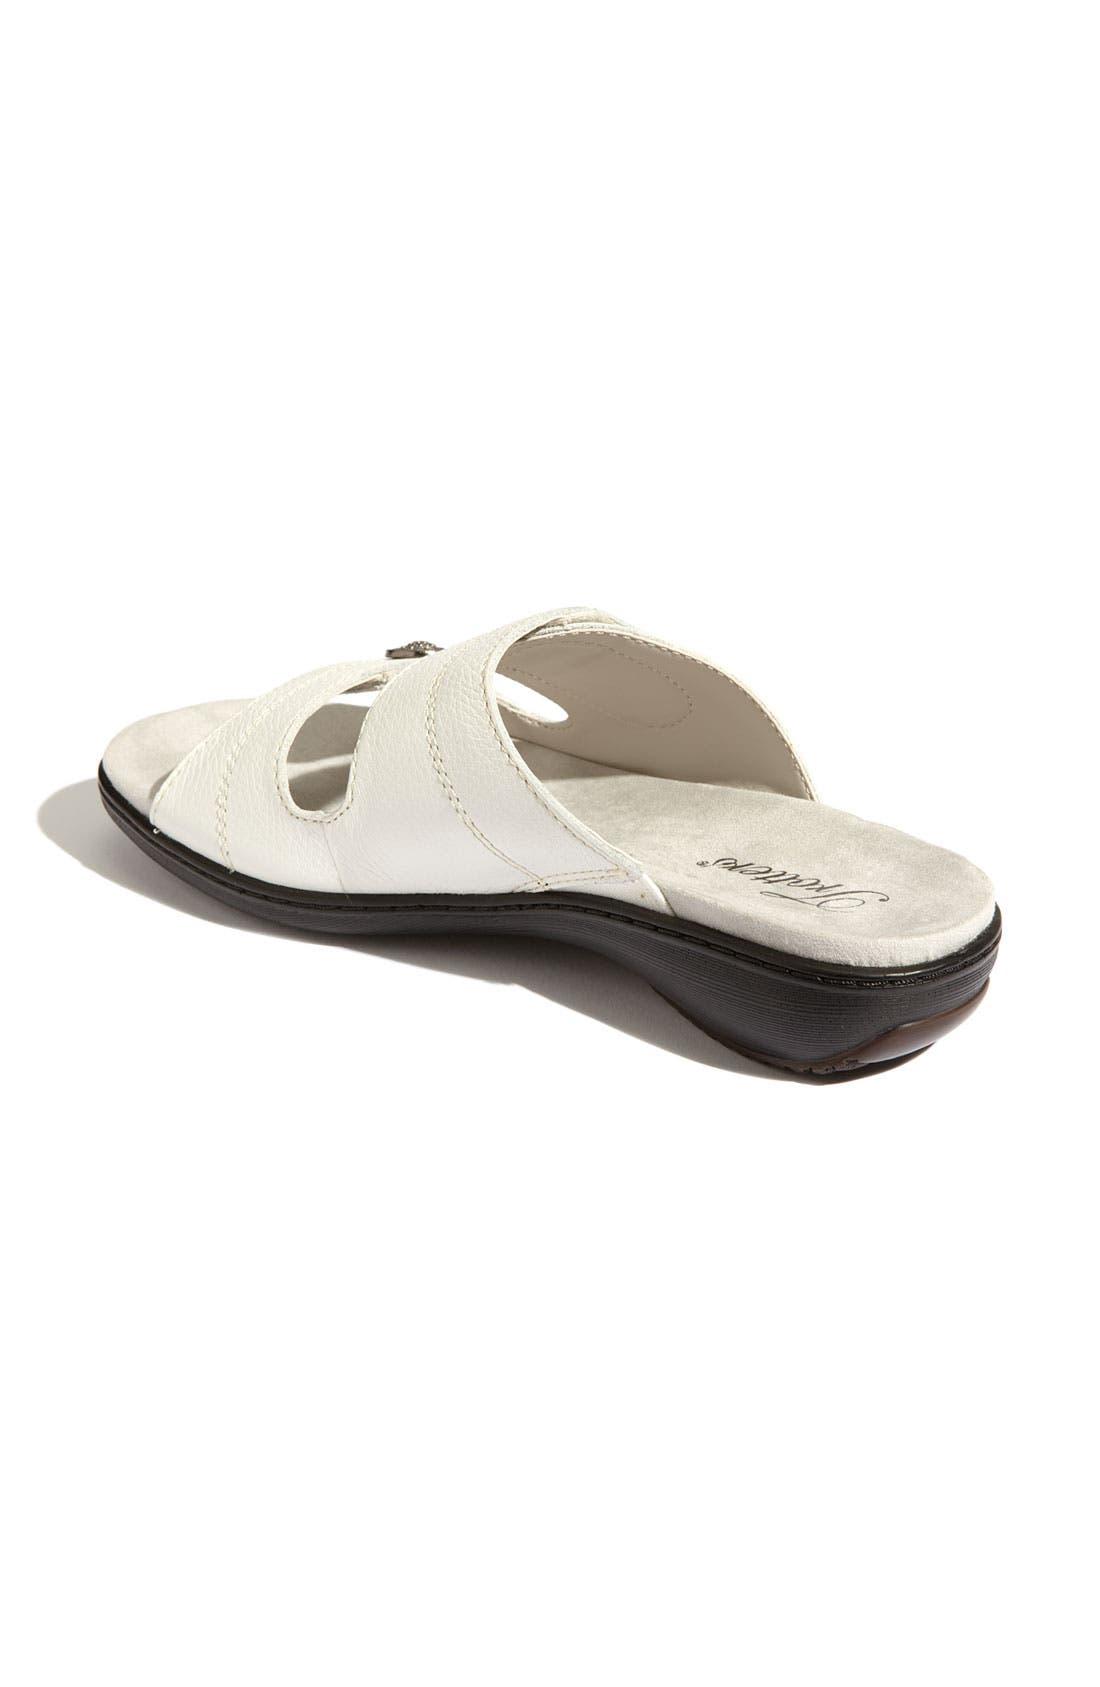 Alternate Image 2  - Trotters 'Kassie' Sandal